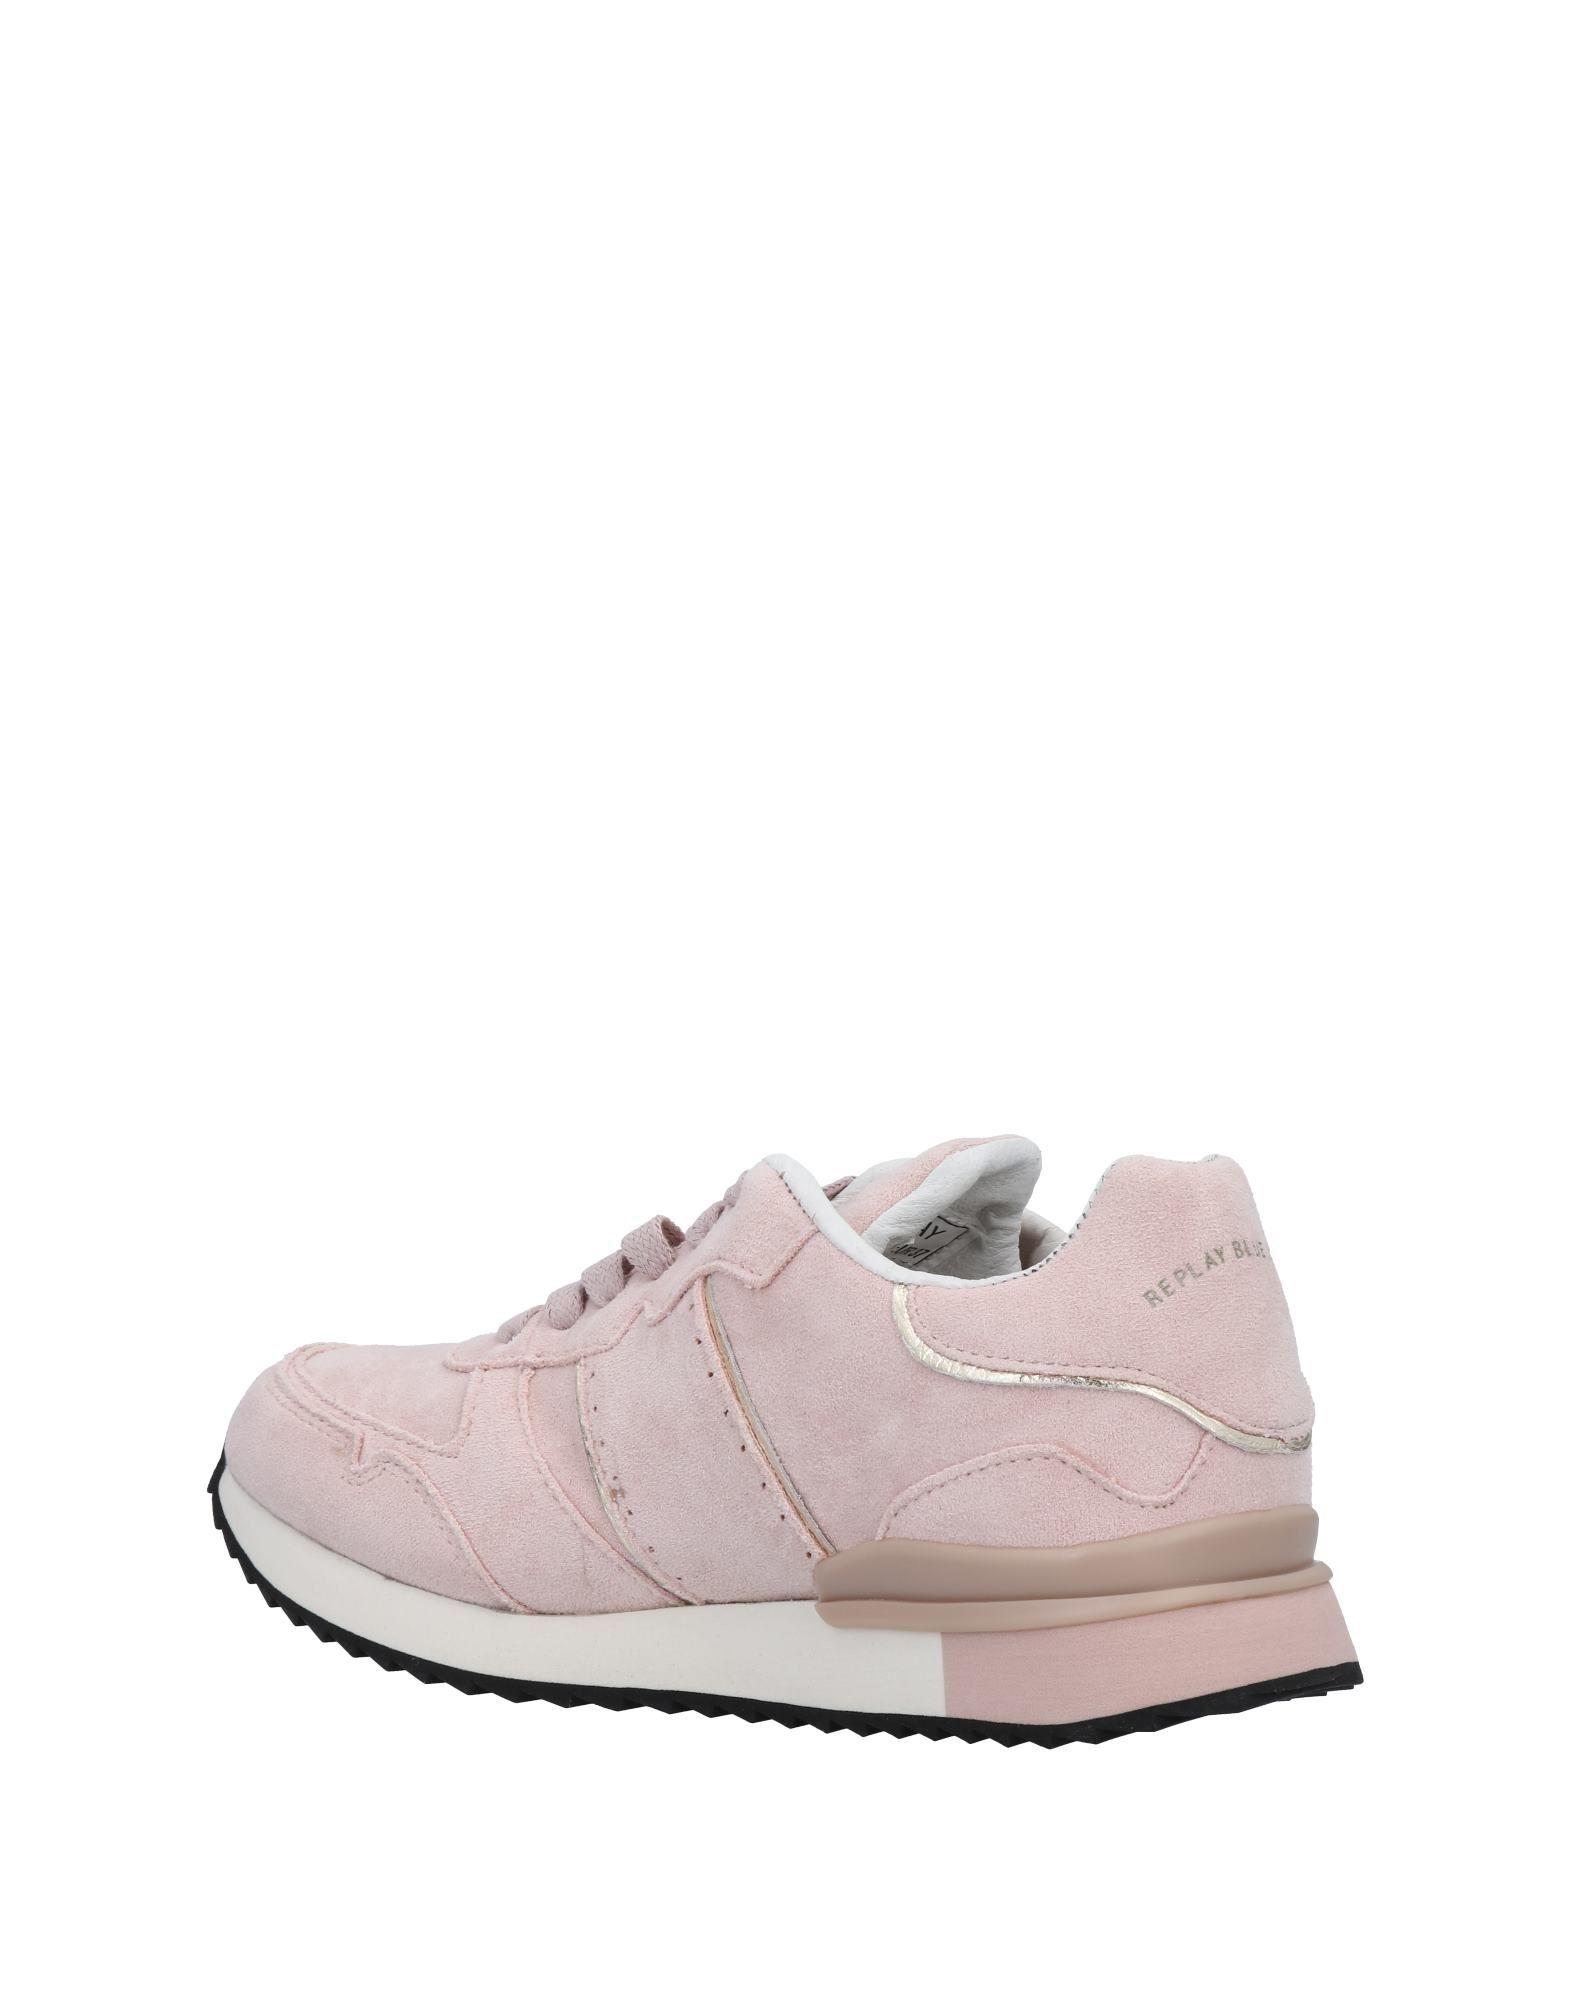 Replay 11493334MQ Sneakers Damen  11493334MQ Replay Gute Qualität beliebte Schuhe 02e80d